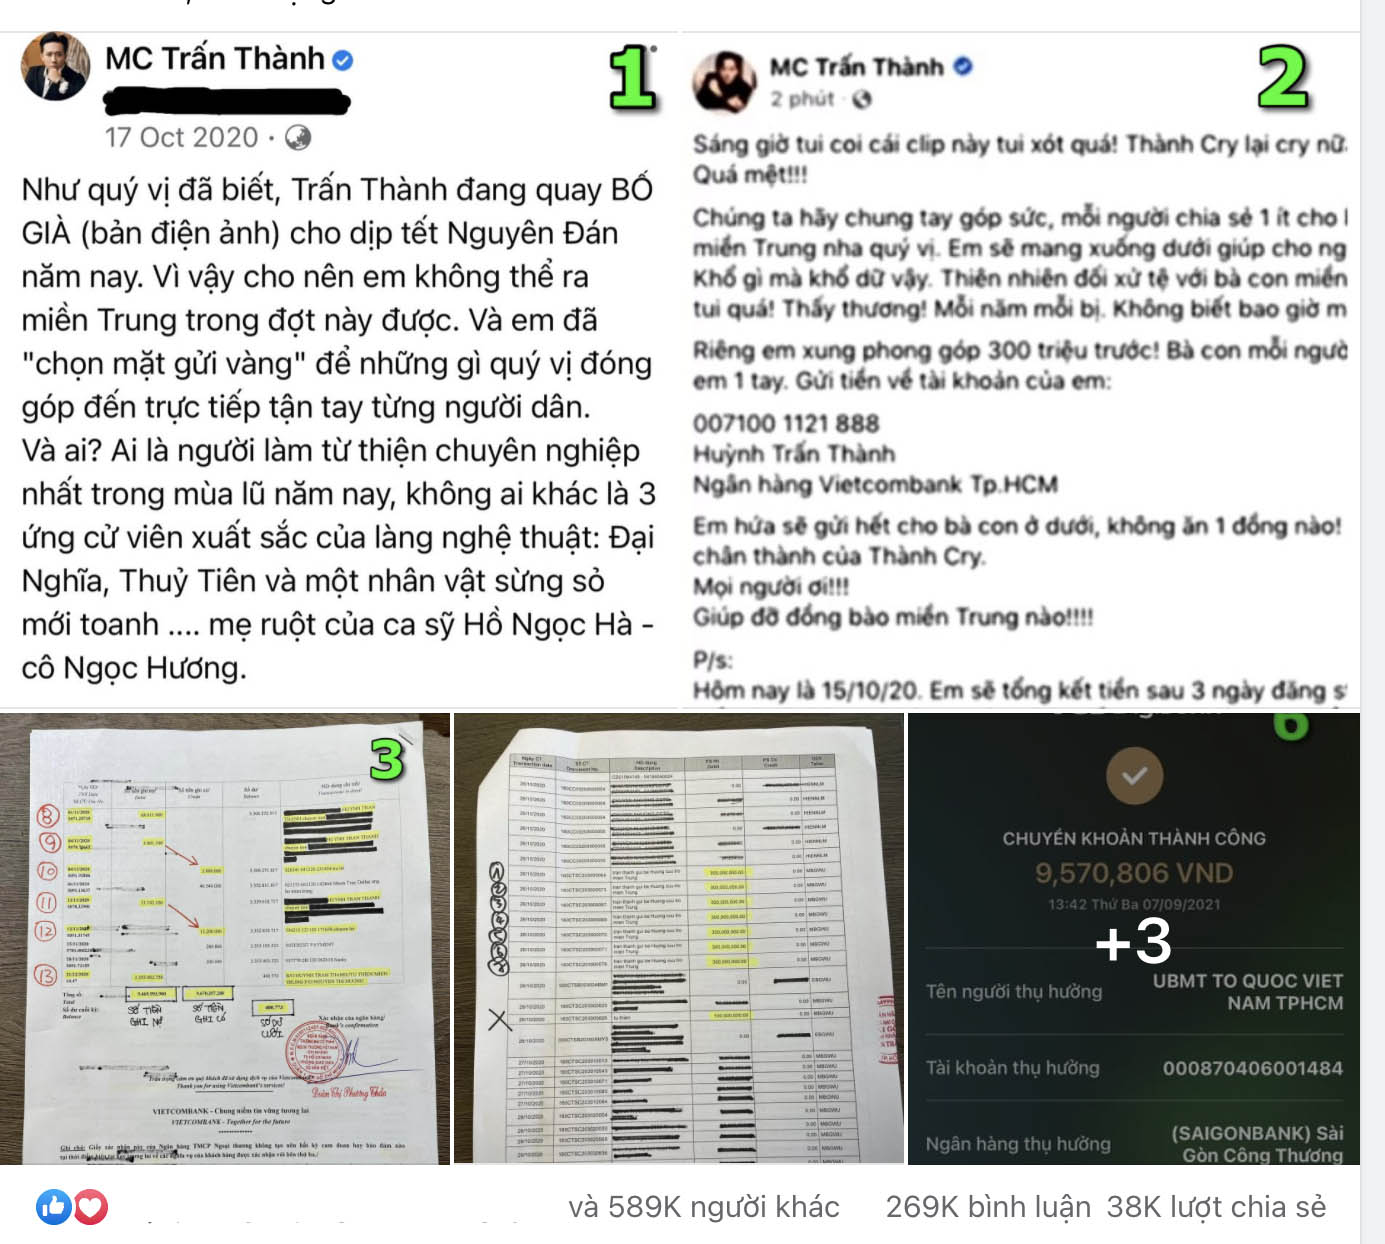 """MC Trấn Thành bị tố sao kê giả, lấy tiền mua nước hoa: """"Con trai"""" nói gì? - 1"""